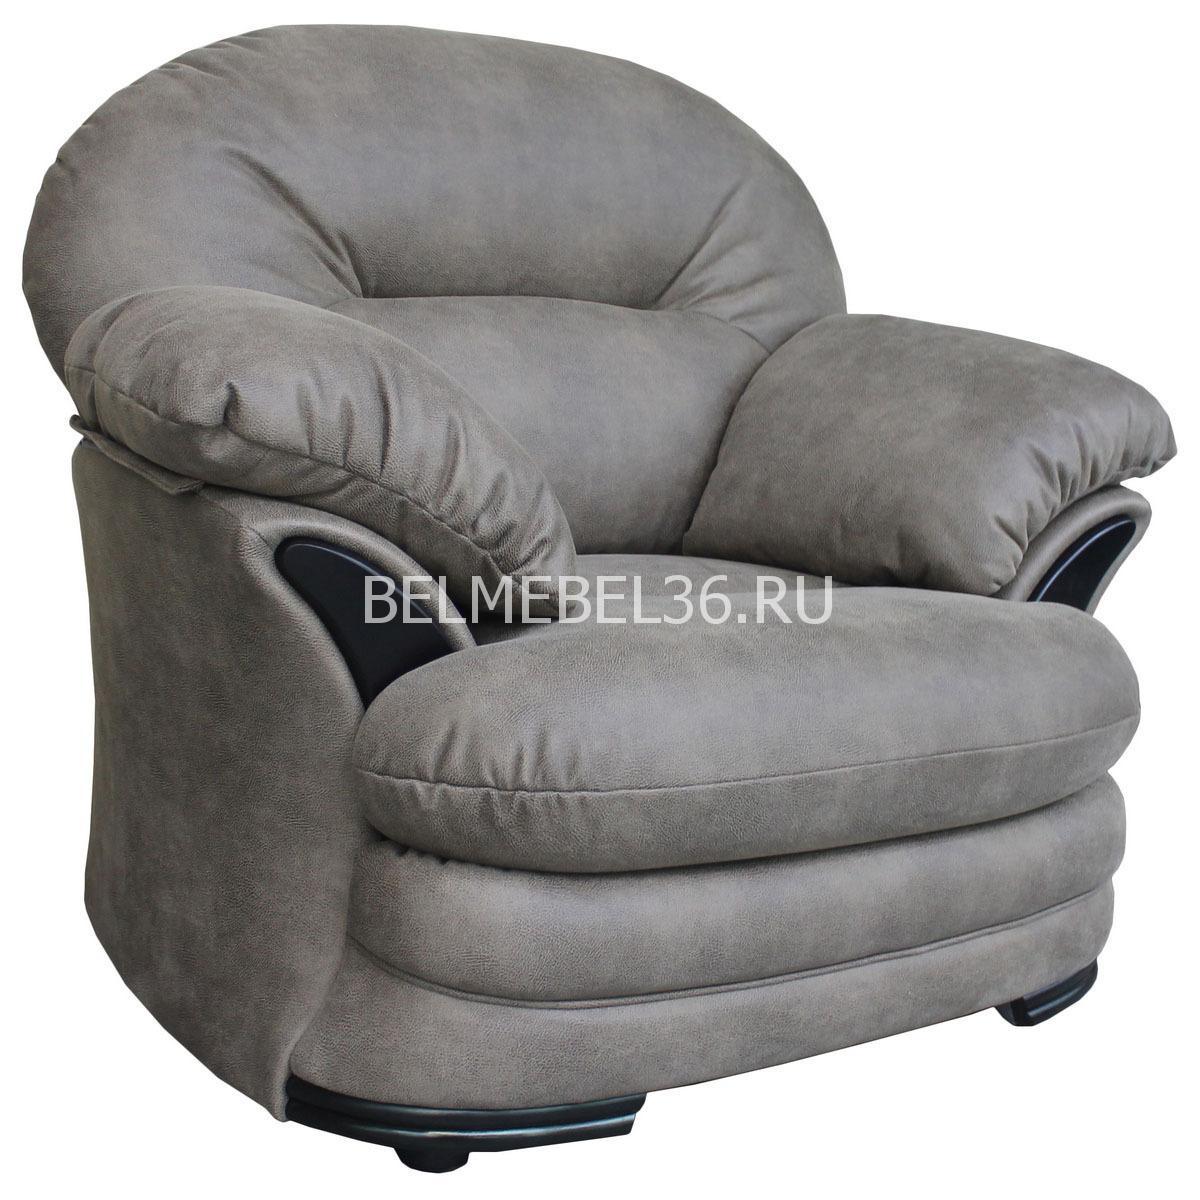 Кресло Йорк (12) П-Д041   Белорусская мебель в Воронеже